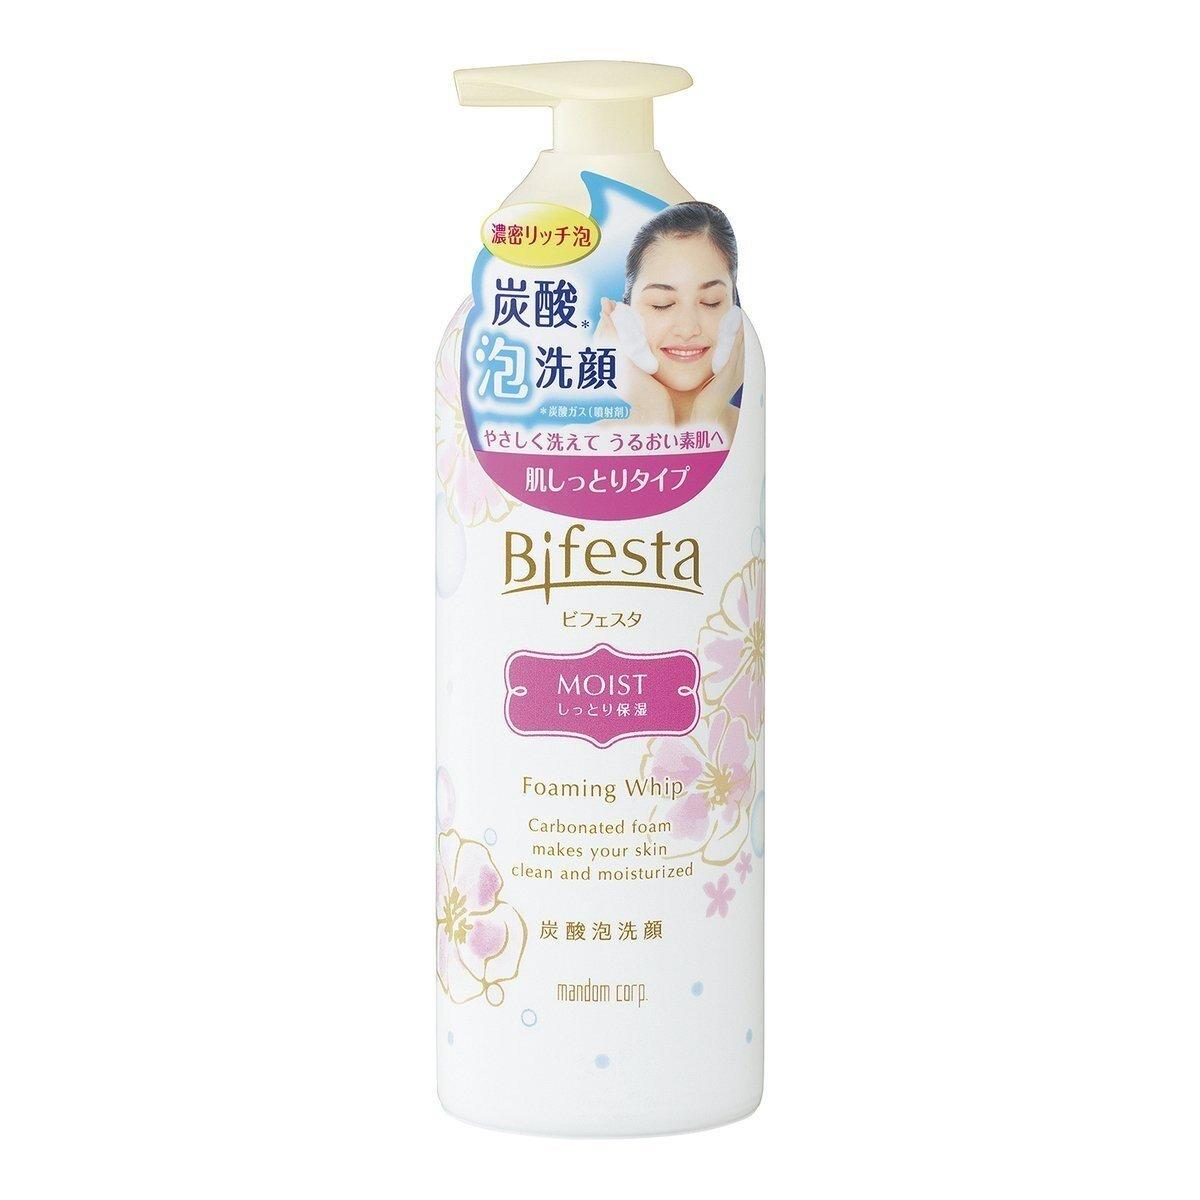 Bifesta Foaming Whip Moist (180g)